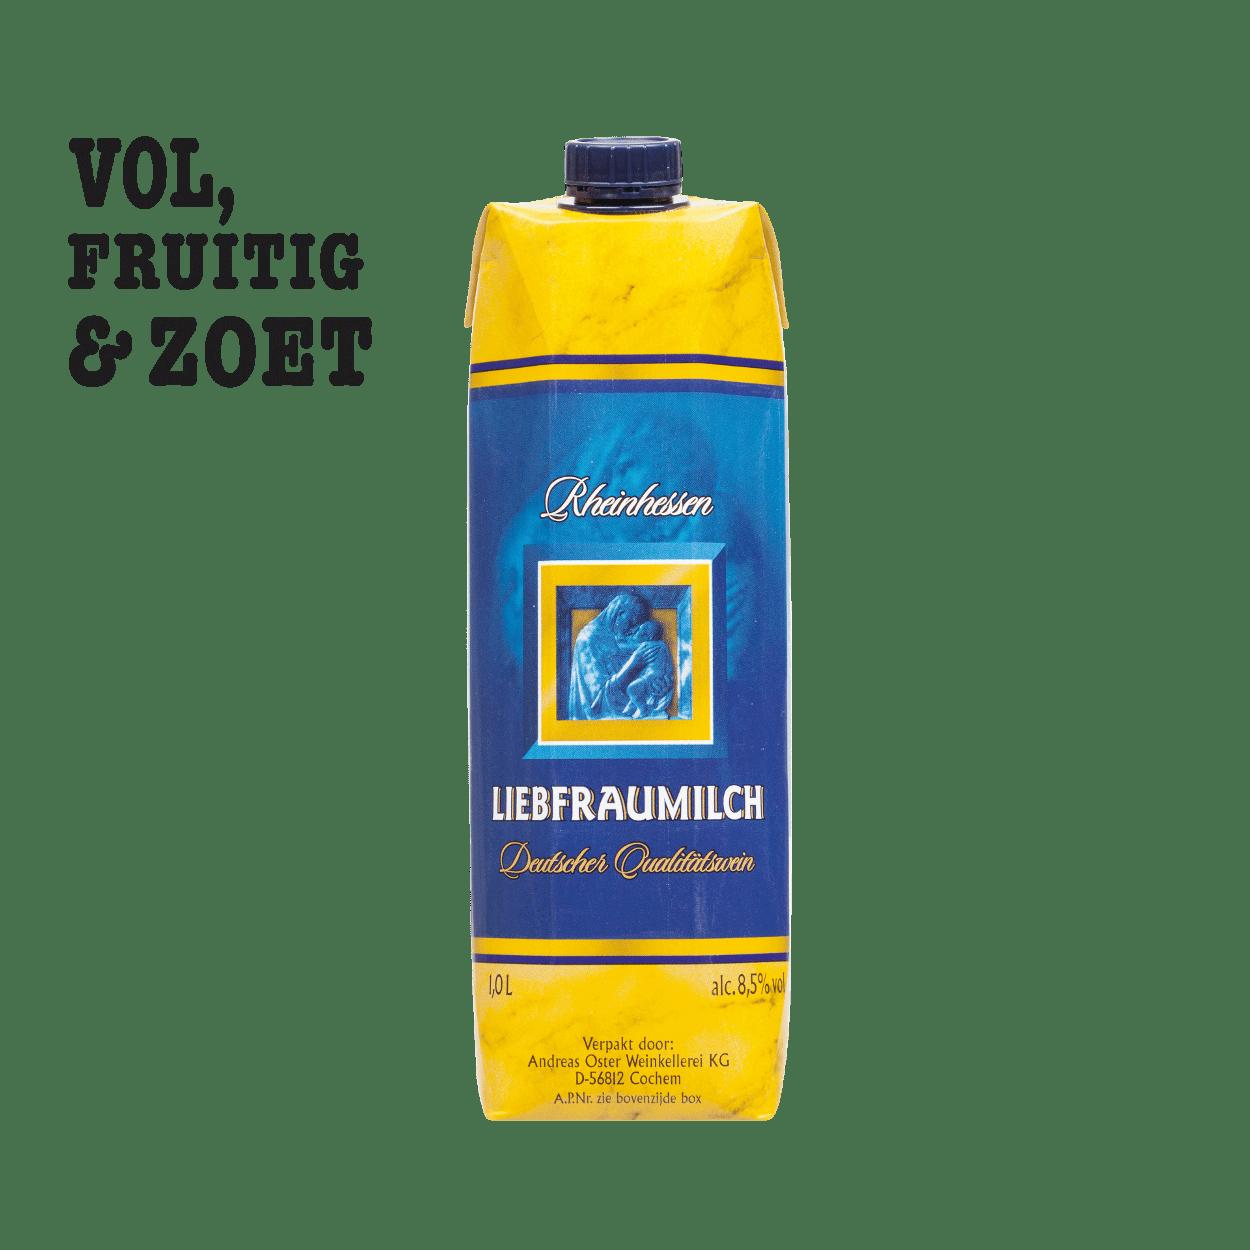 liebfraumilch liter voordelig bij aldi